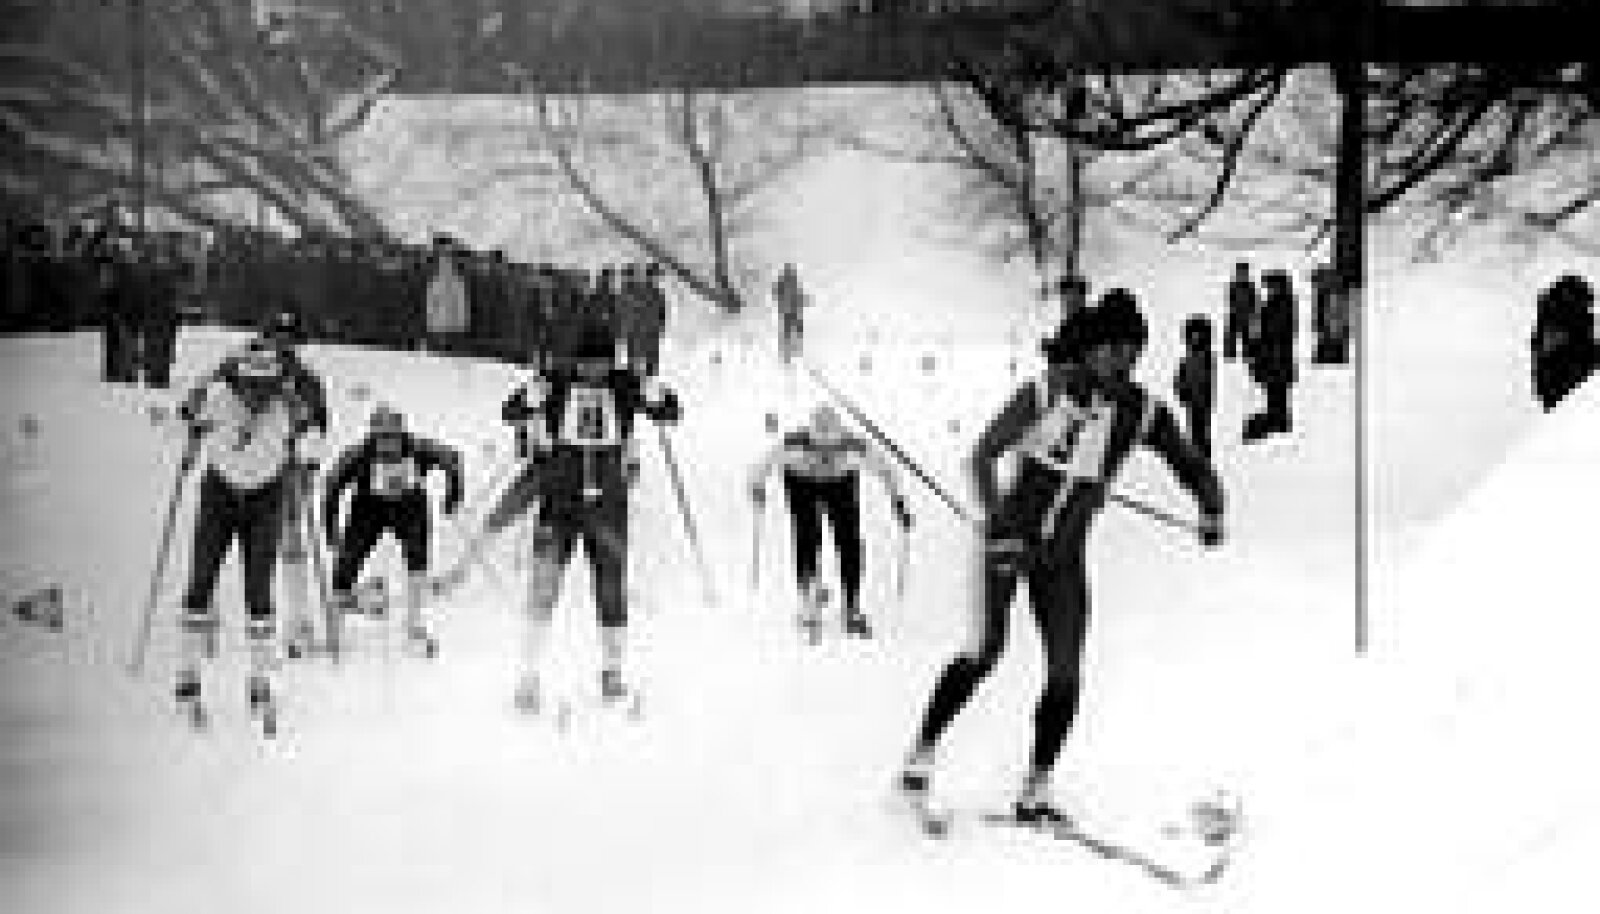 TÕELINE MASSIÜRITUS: 1976 aastal vaatas suusavõistlust Tallinna kesklinnas mitukümmend tuhat inimest. ERAKOGU